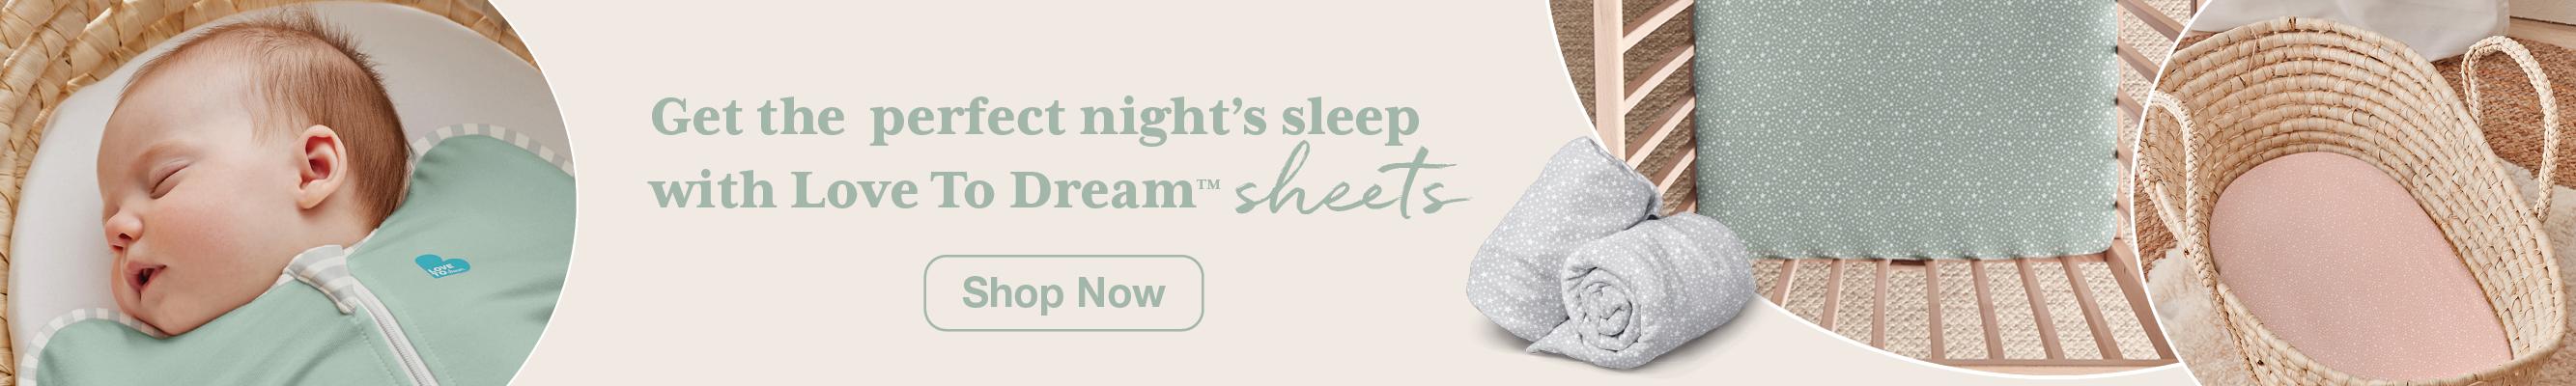 sheetlaunch-promostrip-d.png